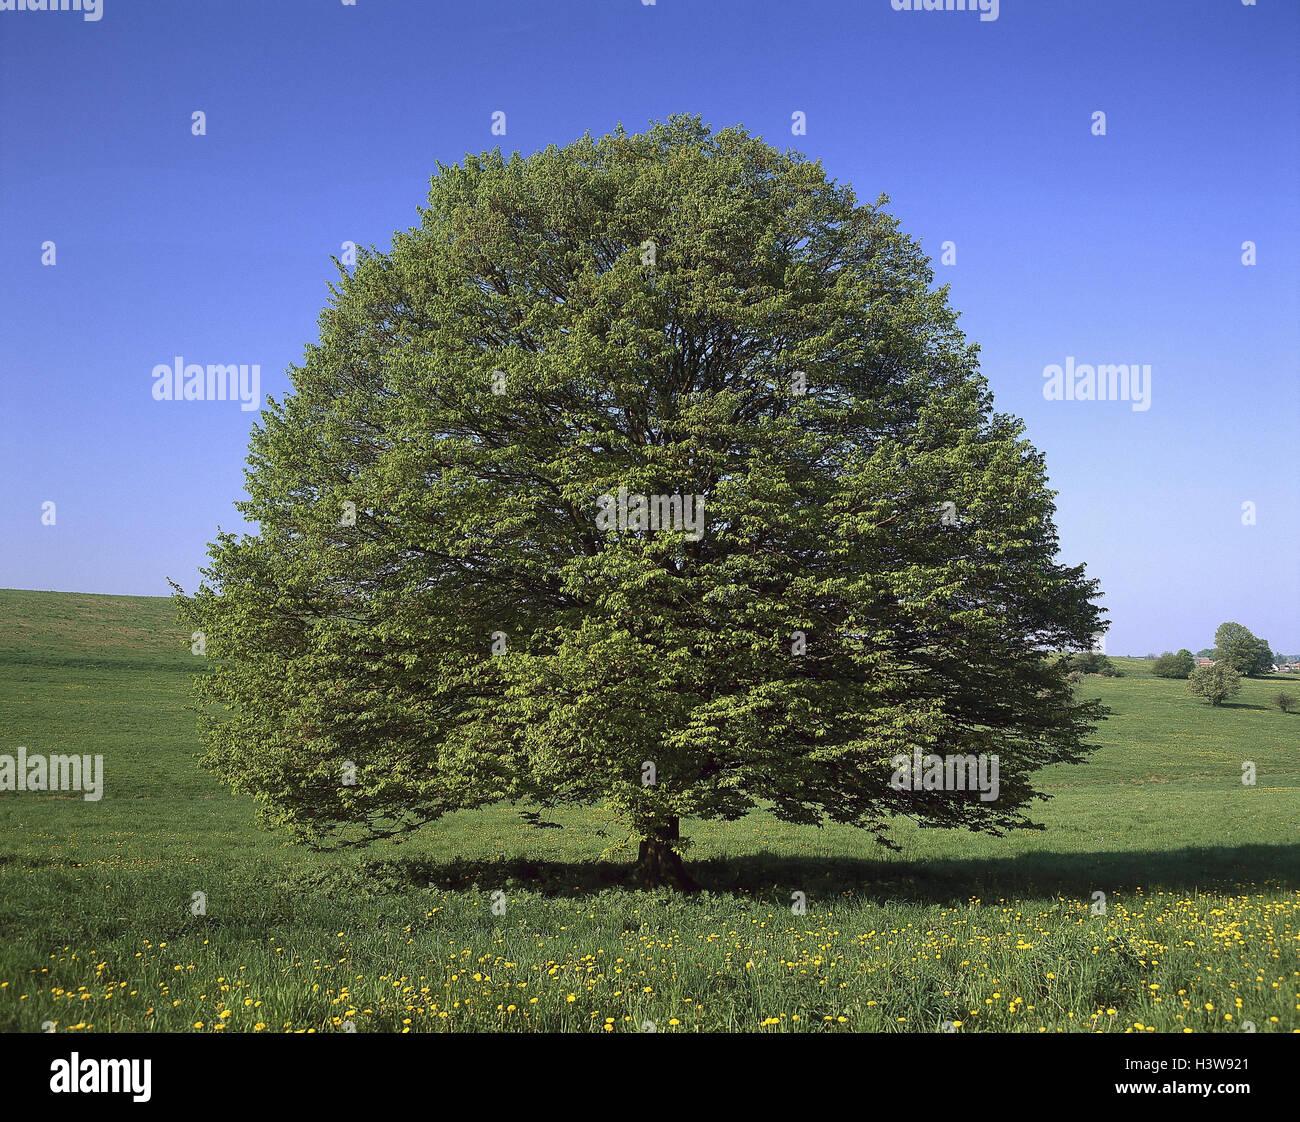 Wiese, Buch, Fagus spec, Frühling, Bäume, Baum, Laub-Wald, Hartholz, breitblättrigen Baum, Solitär Stockbild